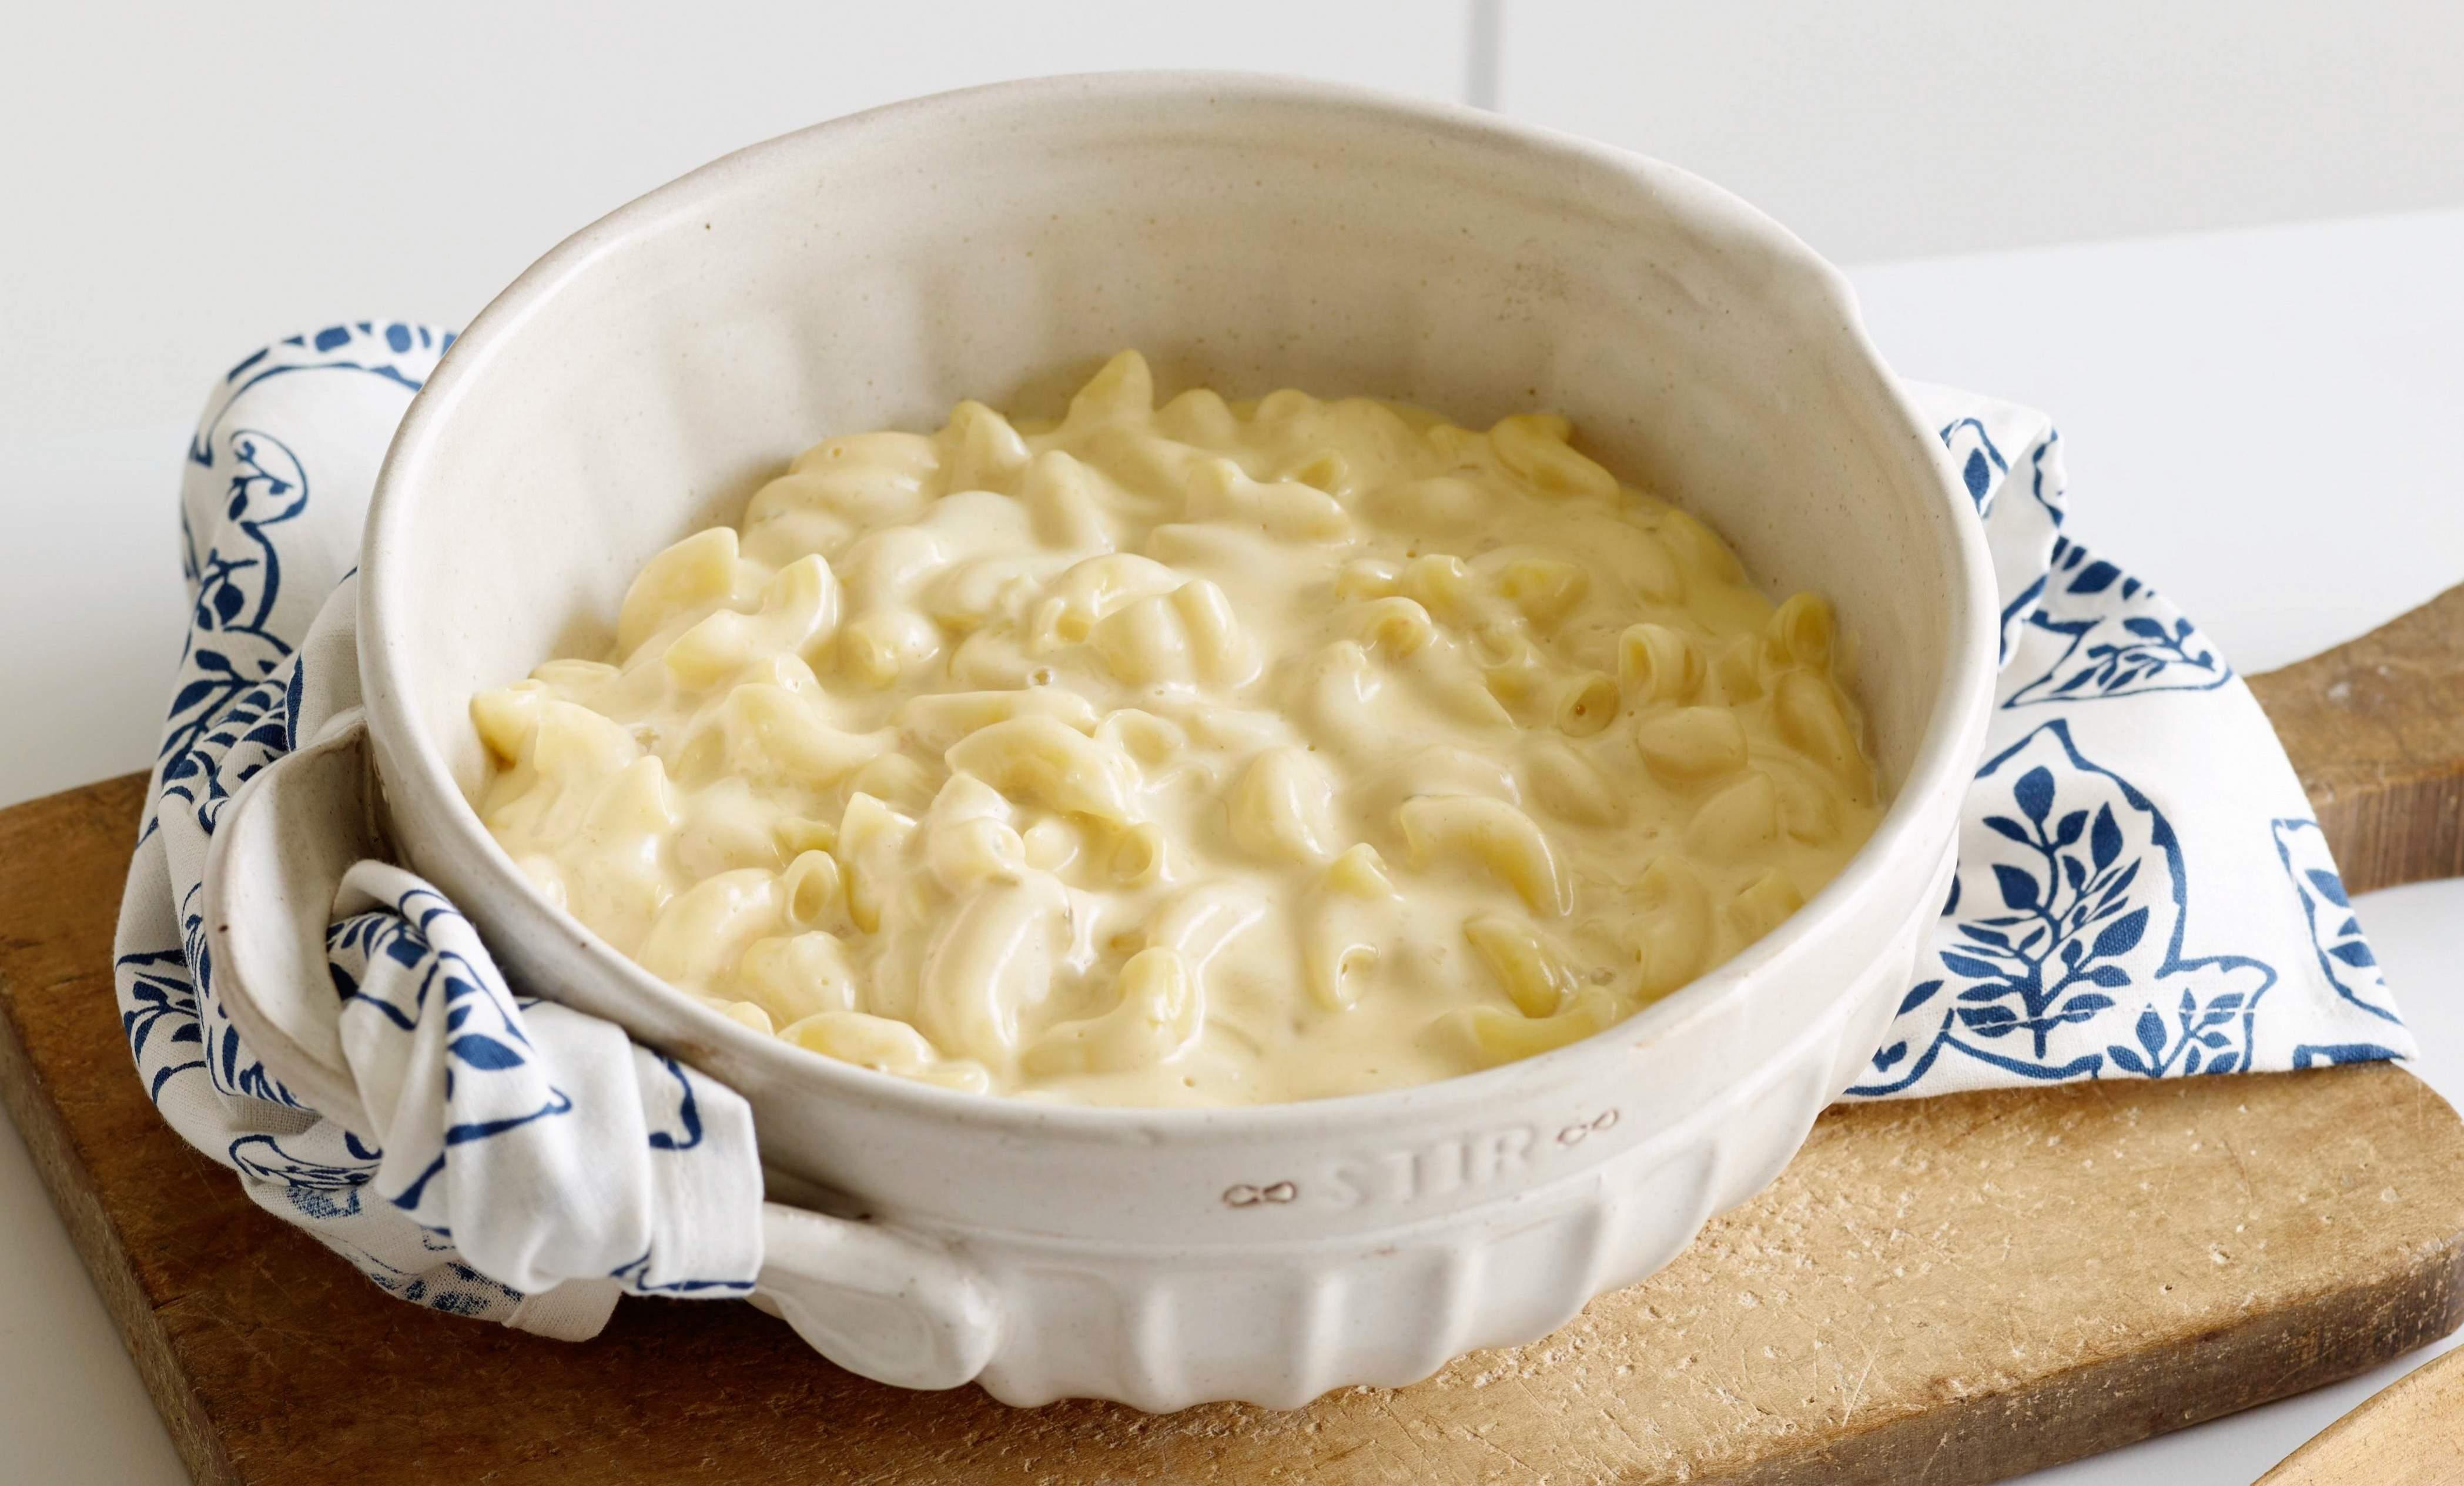 Masakan Instan Pakai Microwave Kantor Selama New Normal  Pricebook